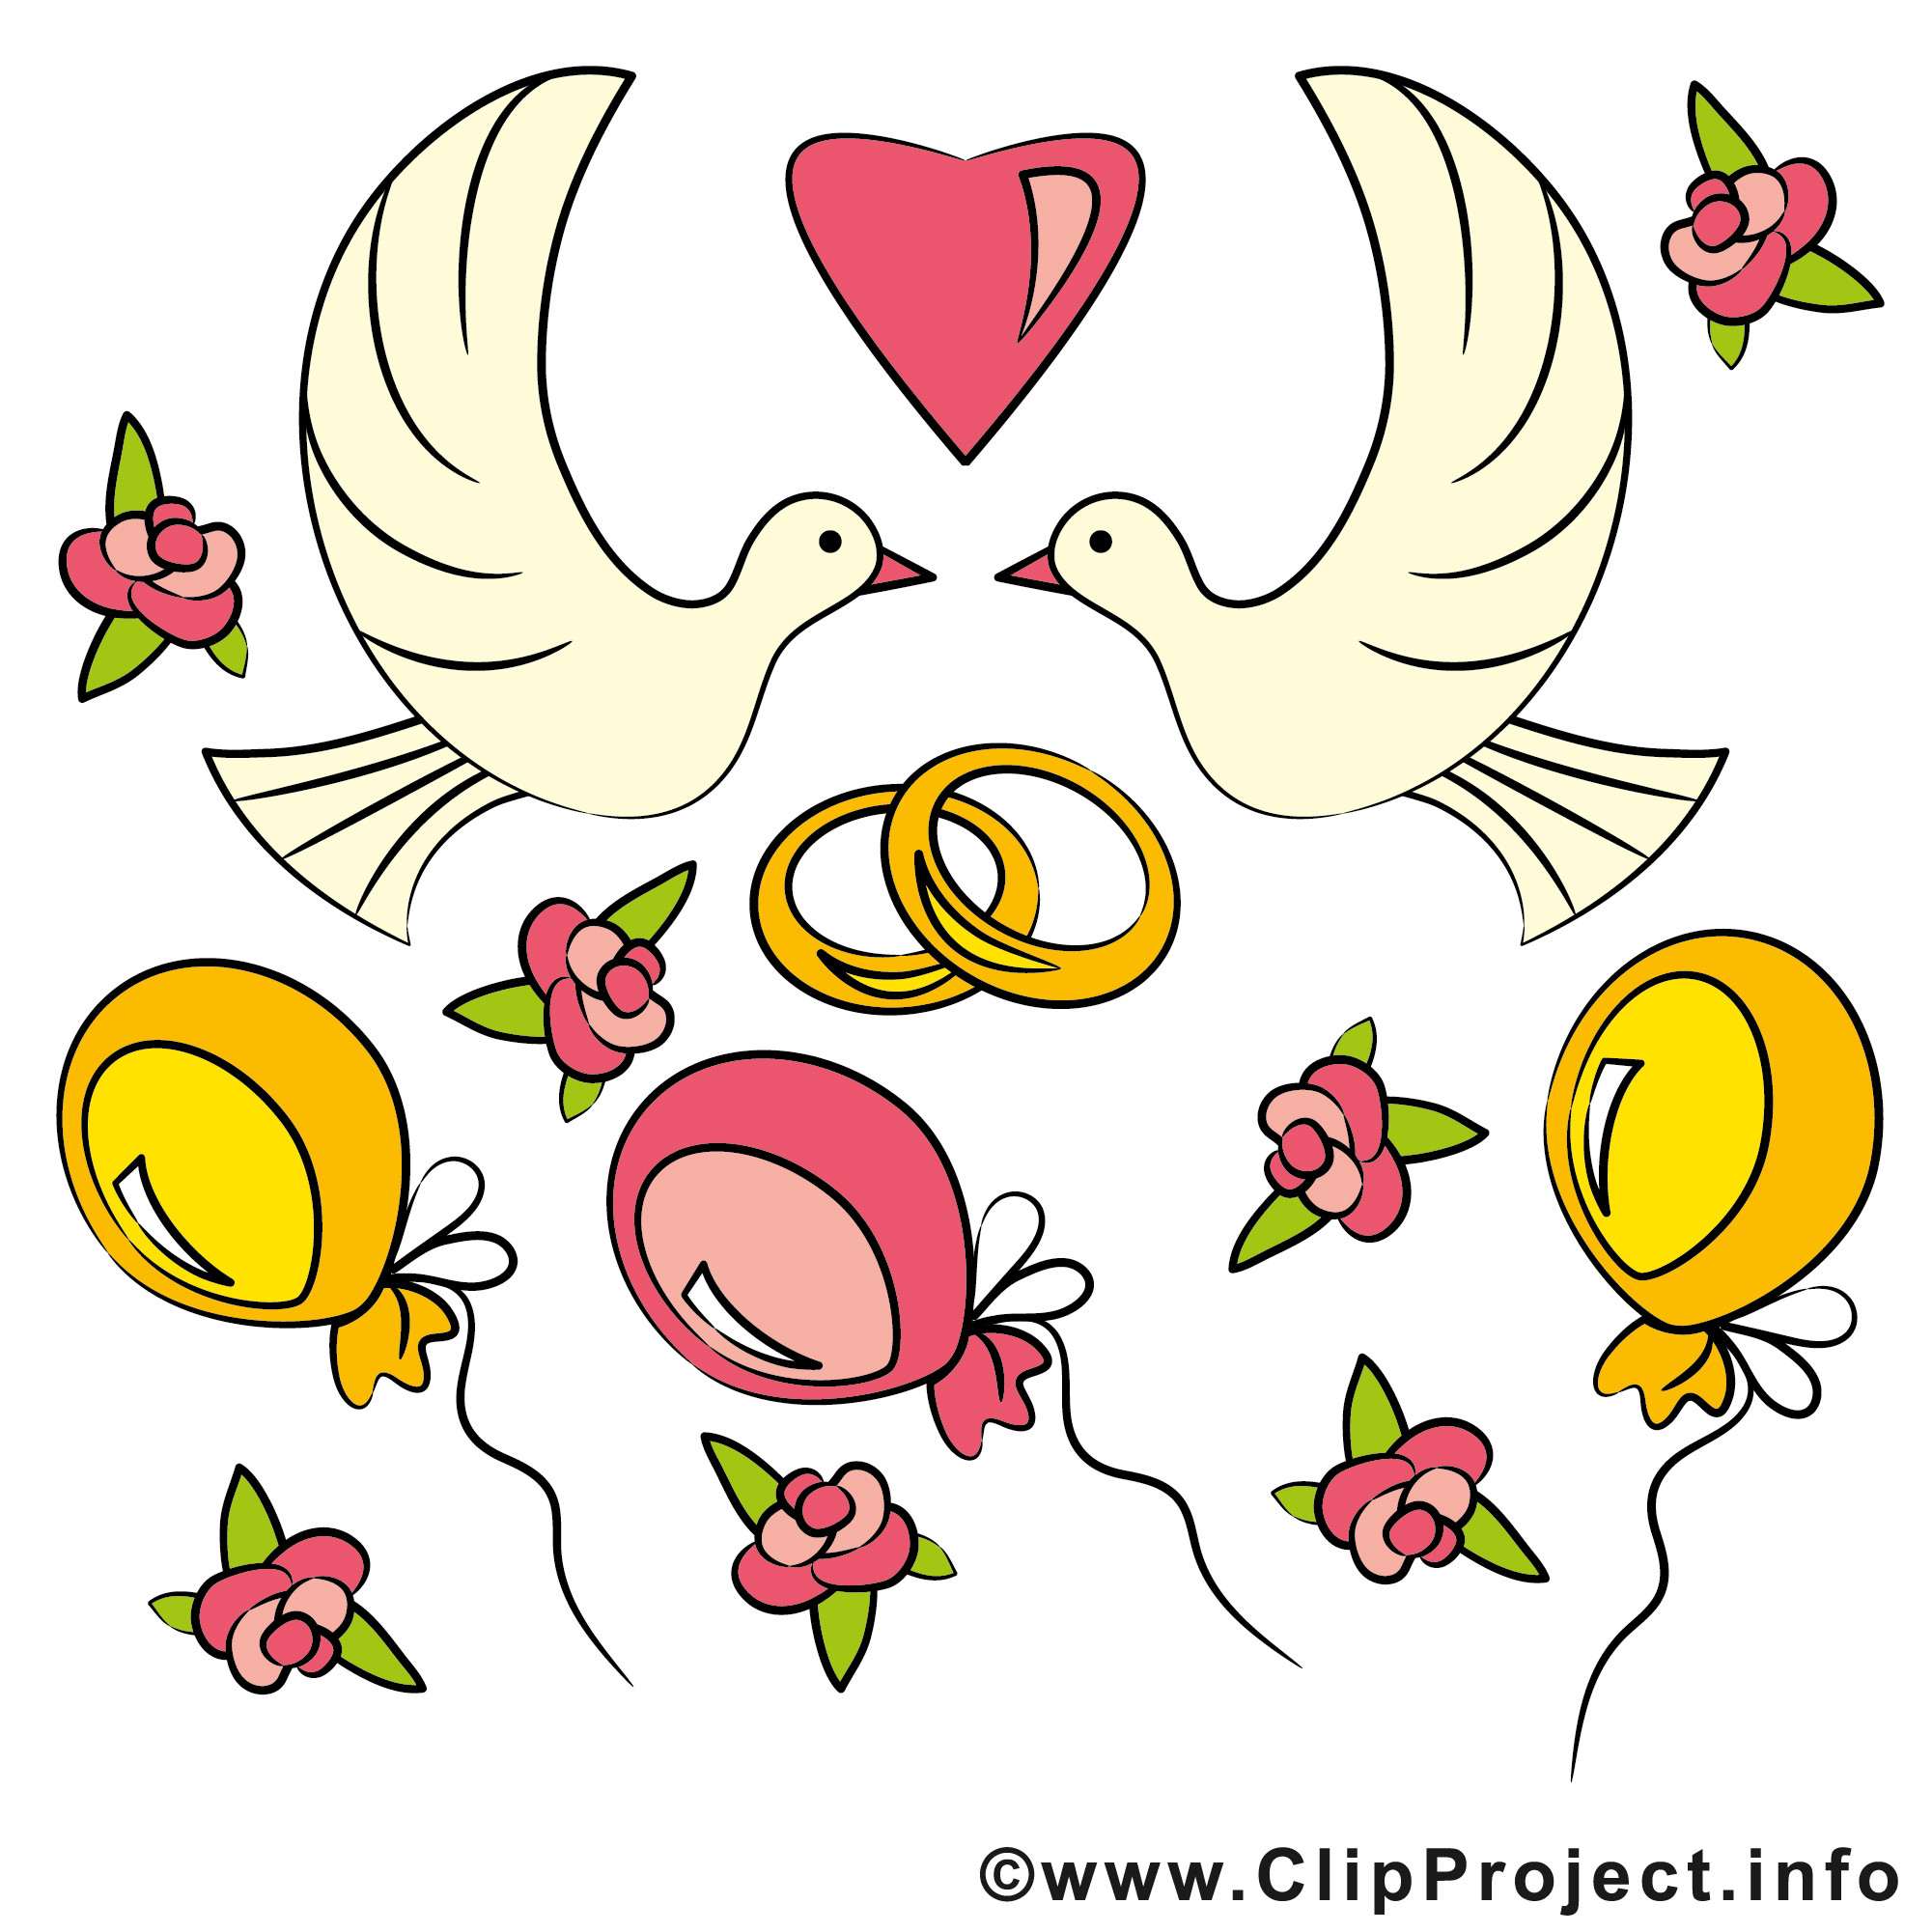 Cliparts Hochzeit Kostenlos Herunterladen  Clipart Glückwunsch zur Hochzeit kostenlos